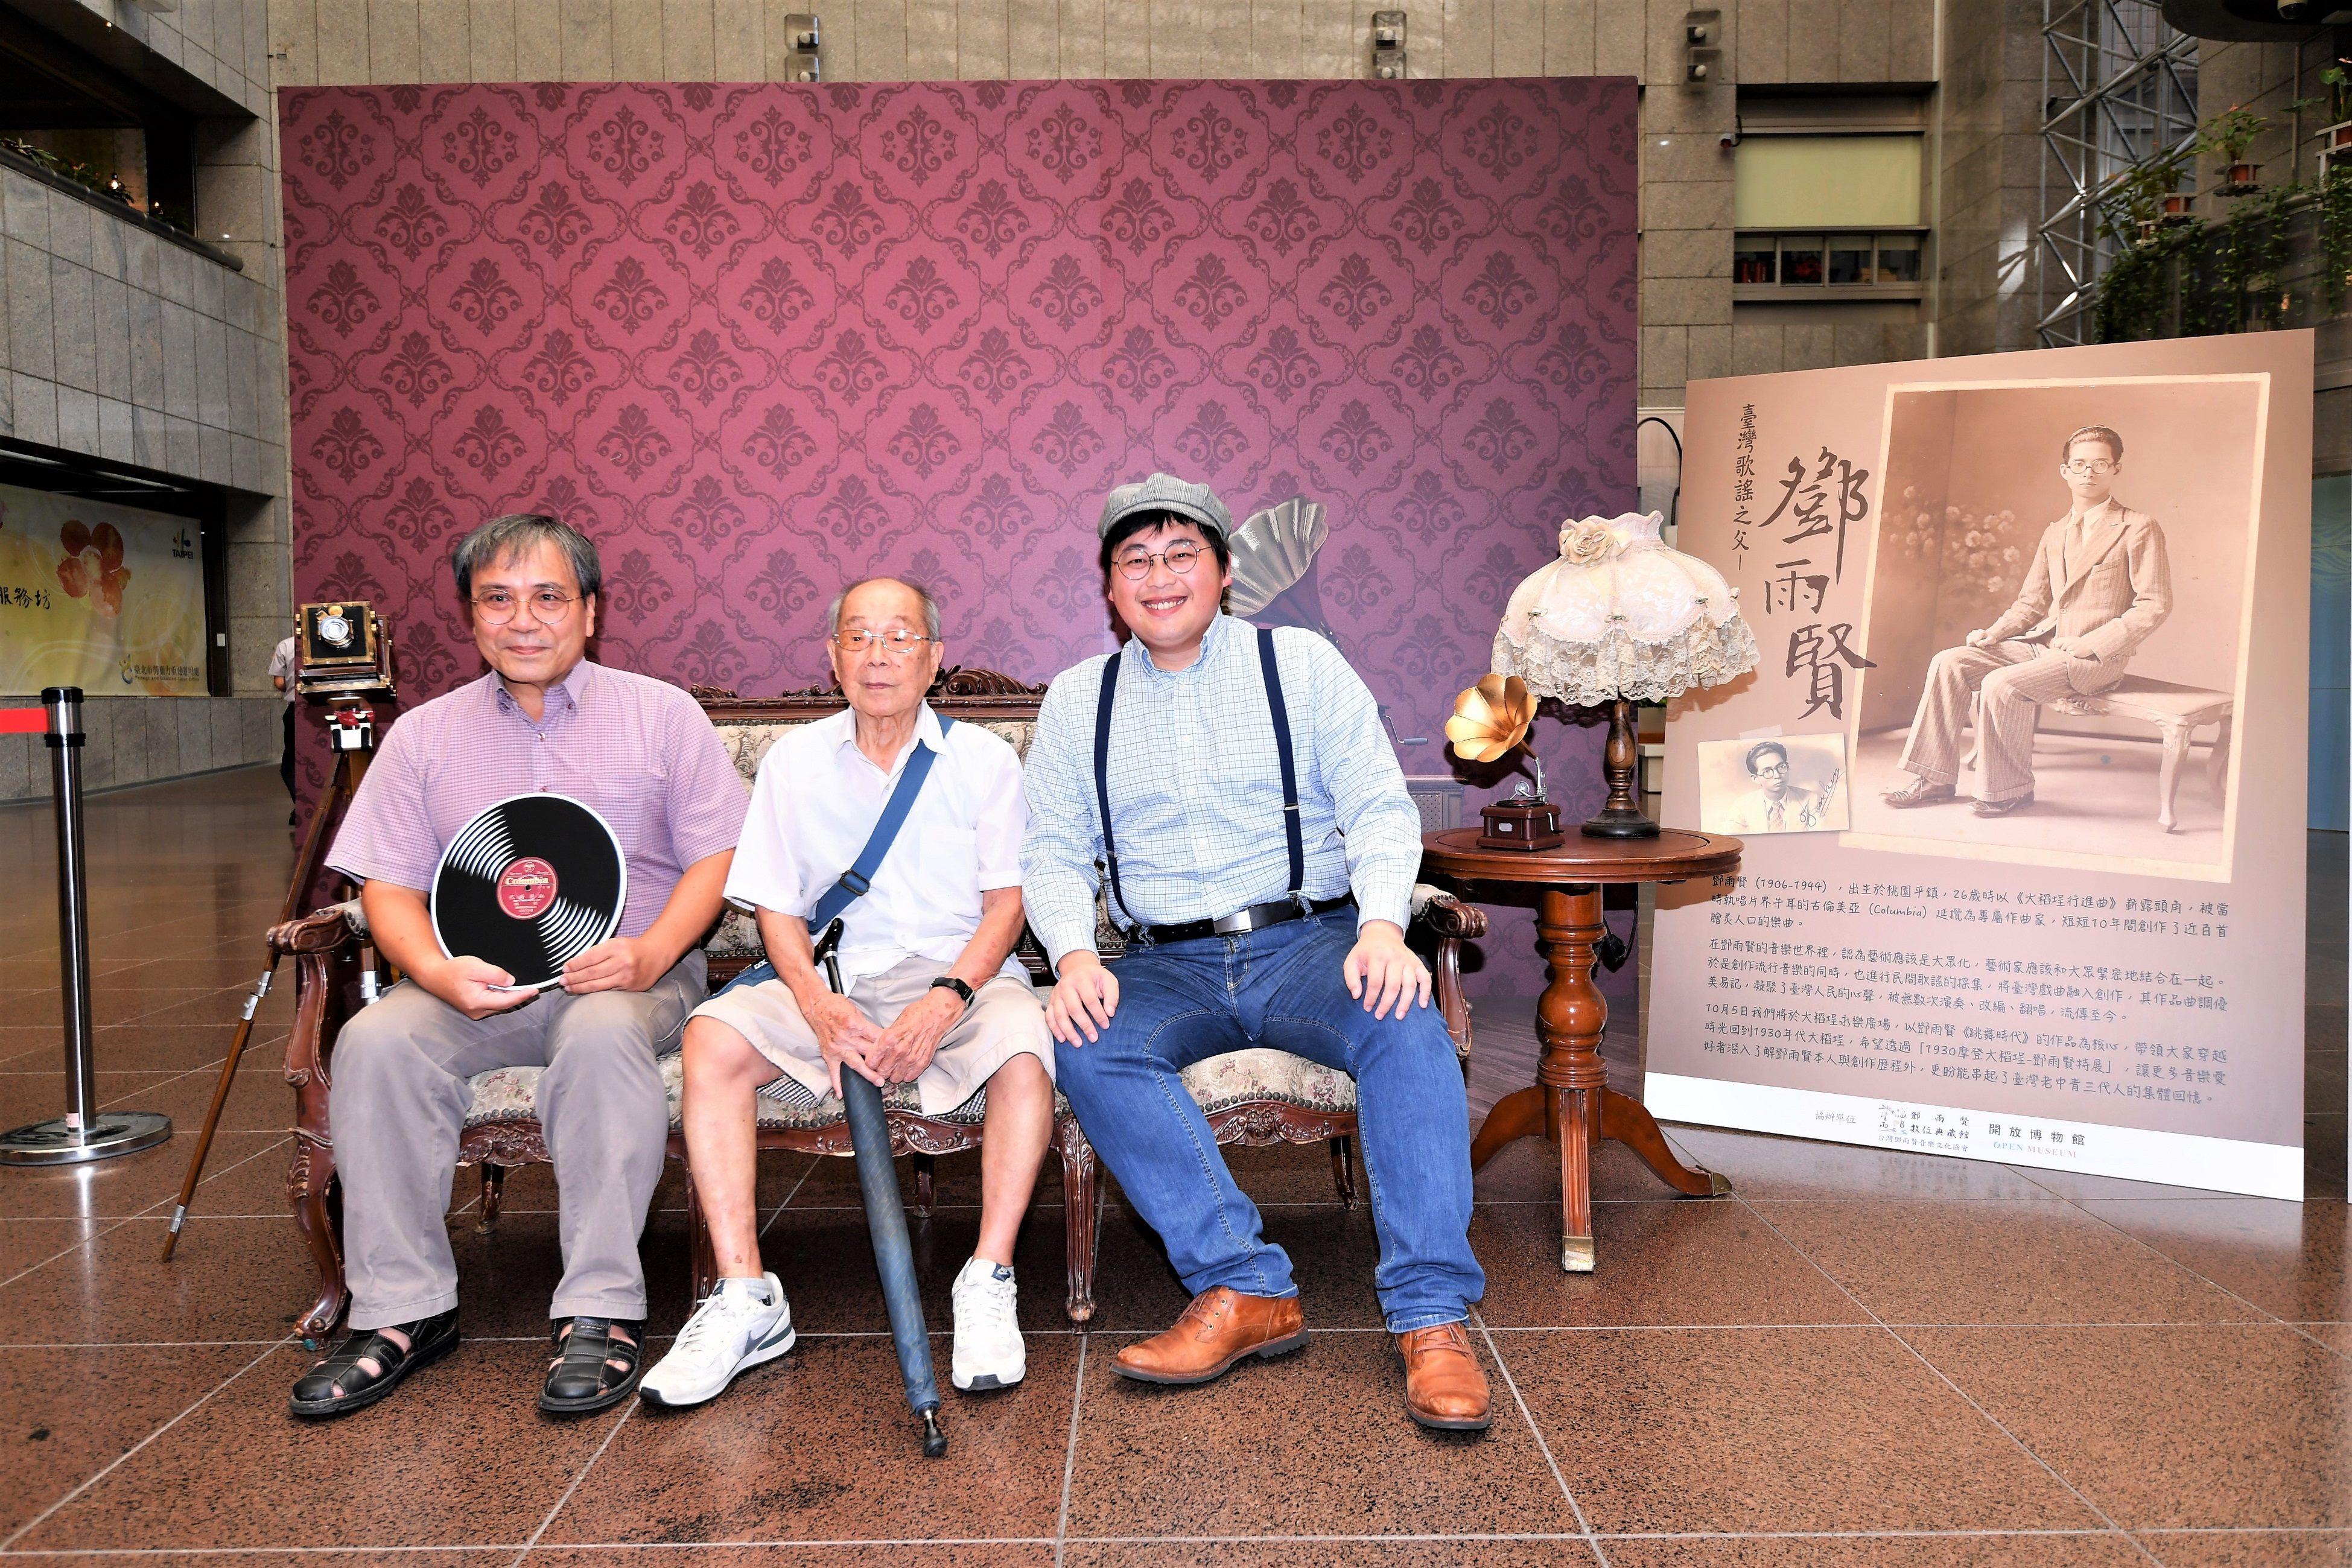 羅訪梅數位影像館羅重台先生以99歲高齡蒞臨現場,左為台灣鄧雨賢音樂文化協會理事長鄧泰超,右為觀光傳播局局長劉奕霆